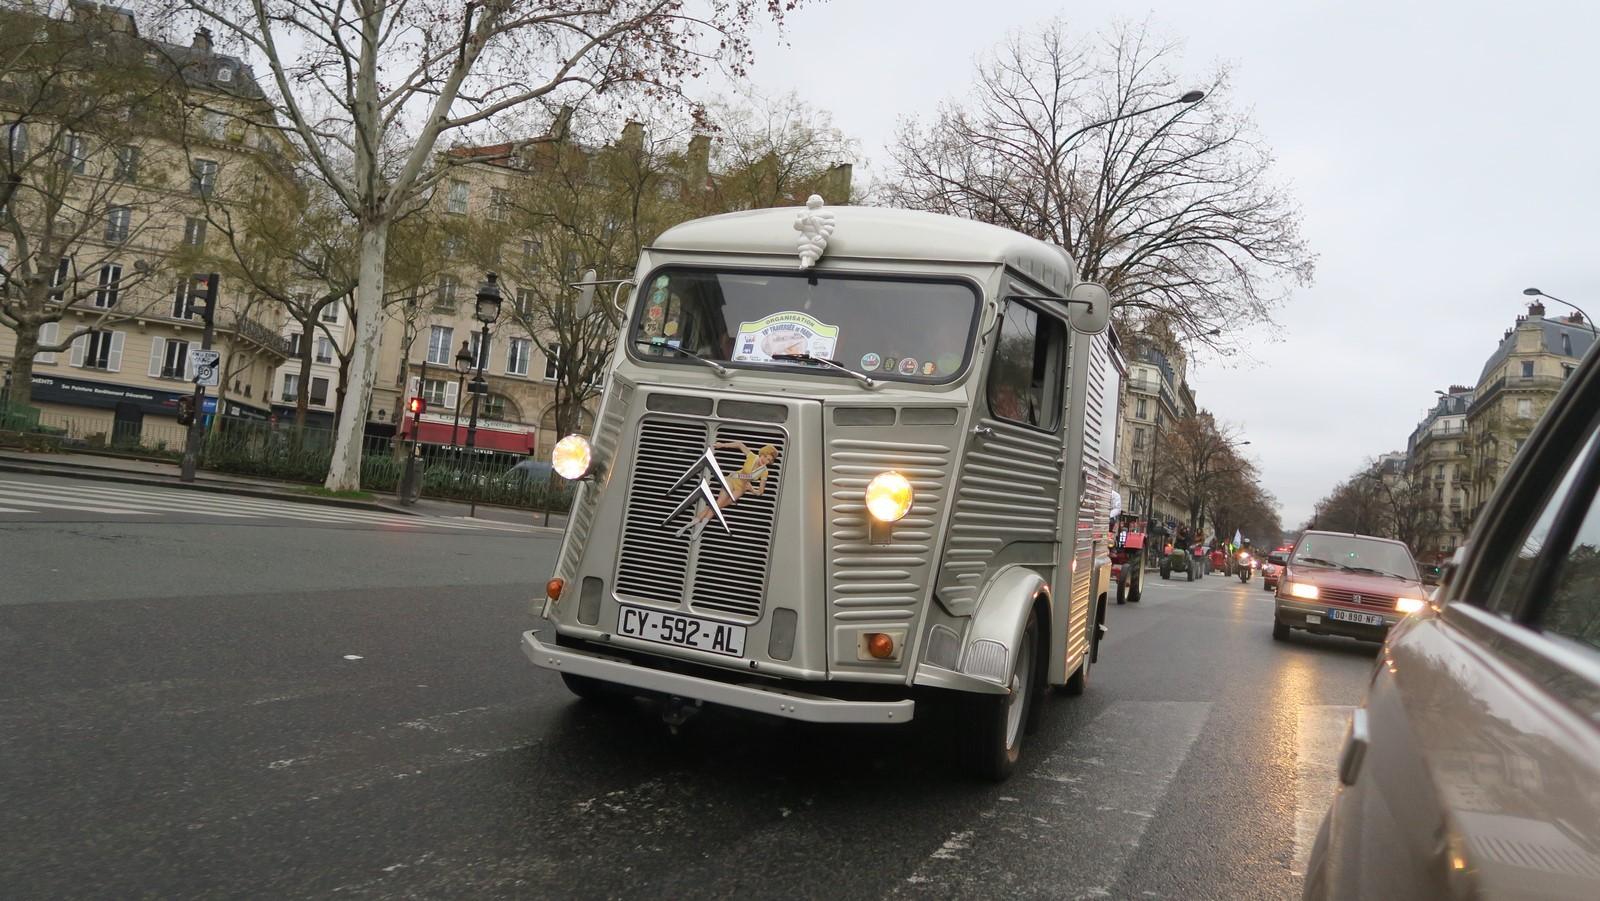 Traversee de Paris hivernale 2019 FM 14